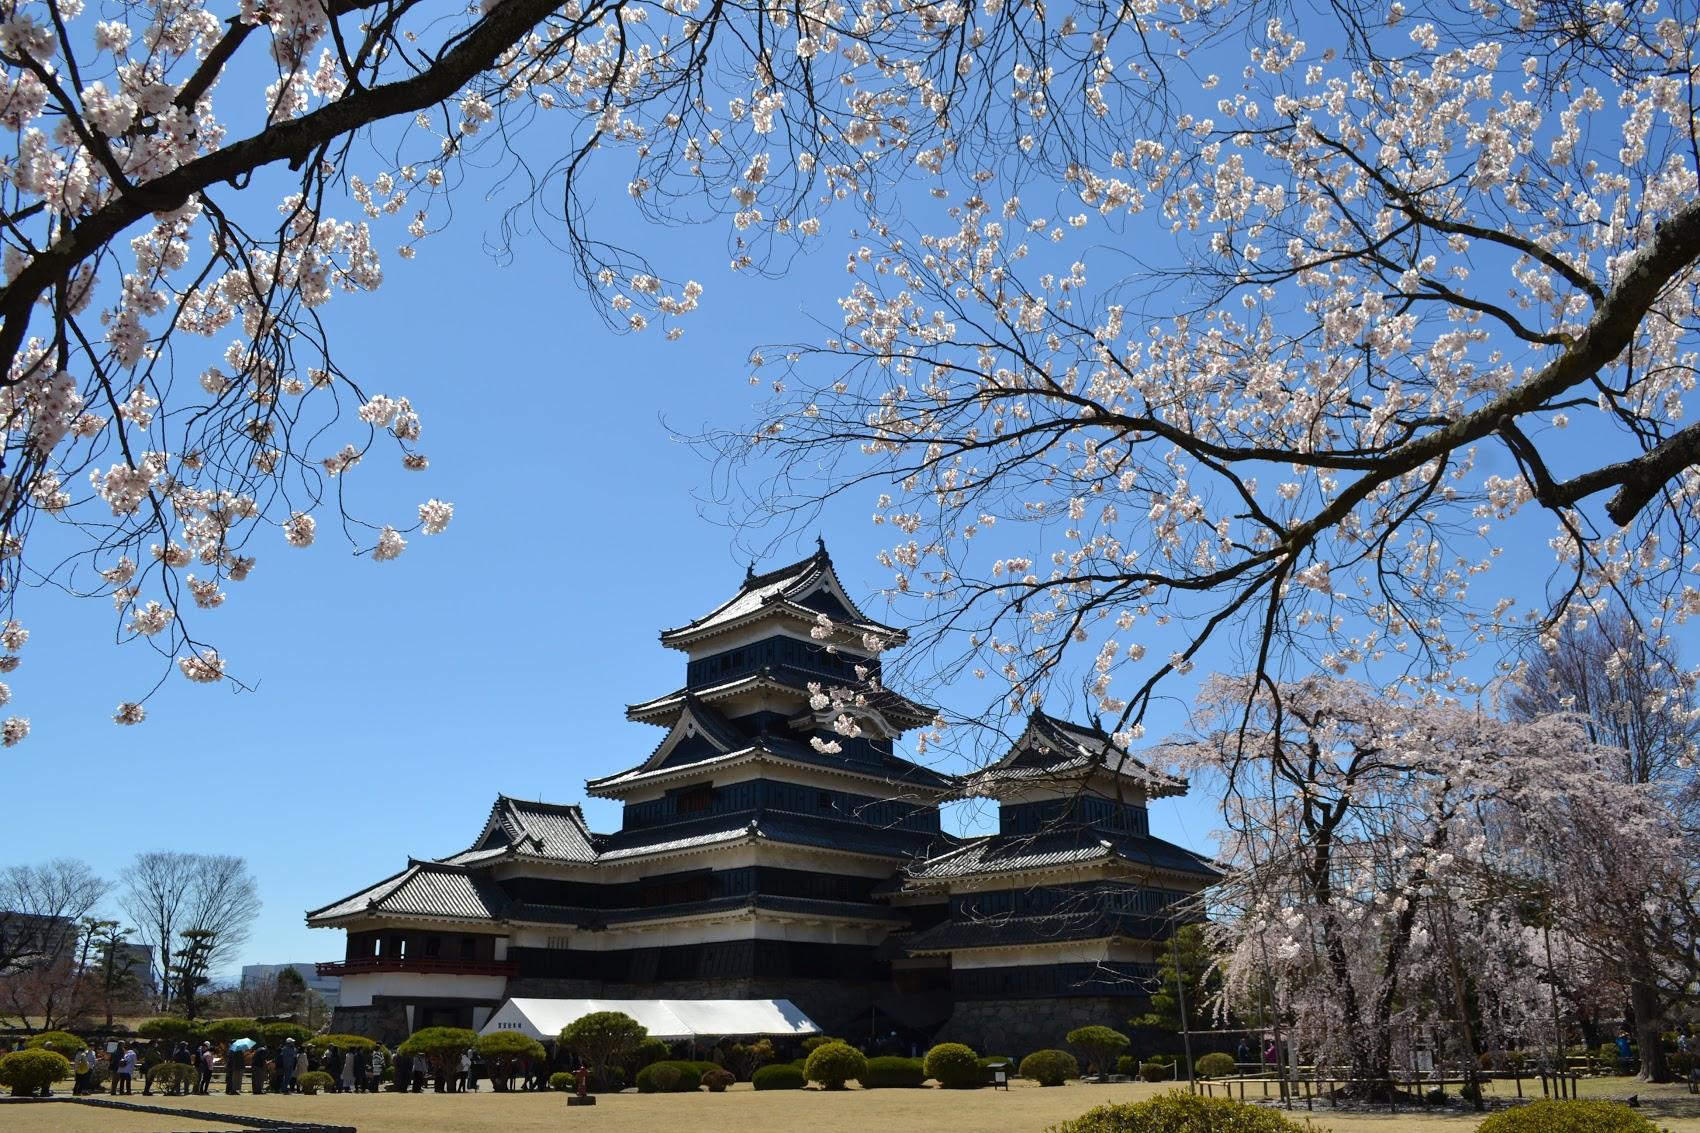 Habían muchos arboles de  sakura  alrededor del castillo, y pude tomar muchas fotos de lejos.